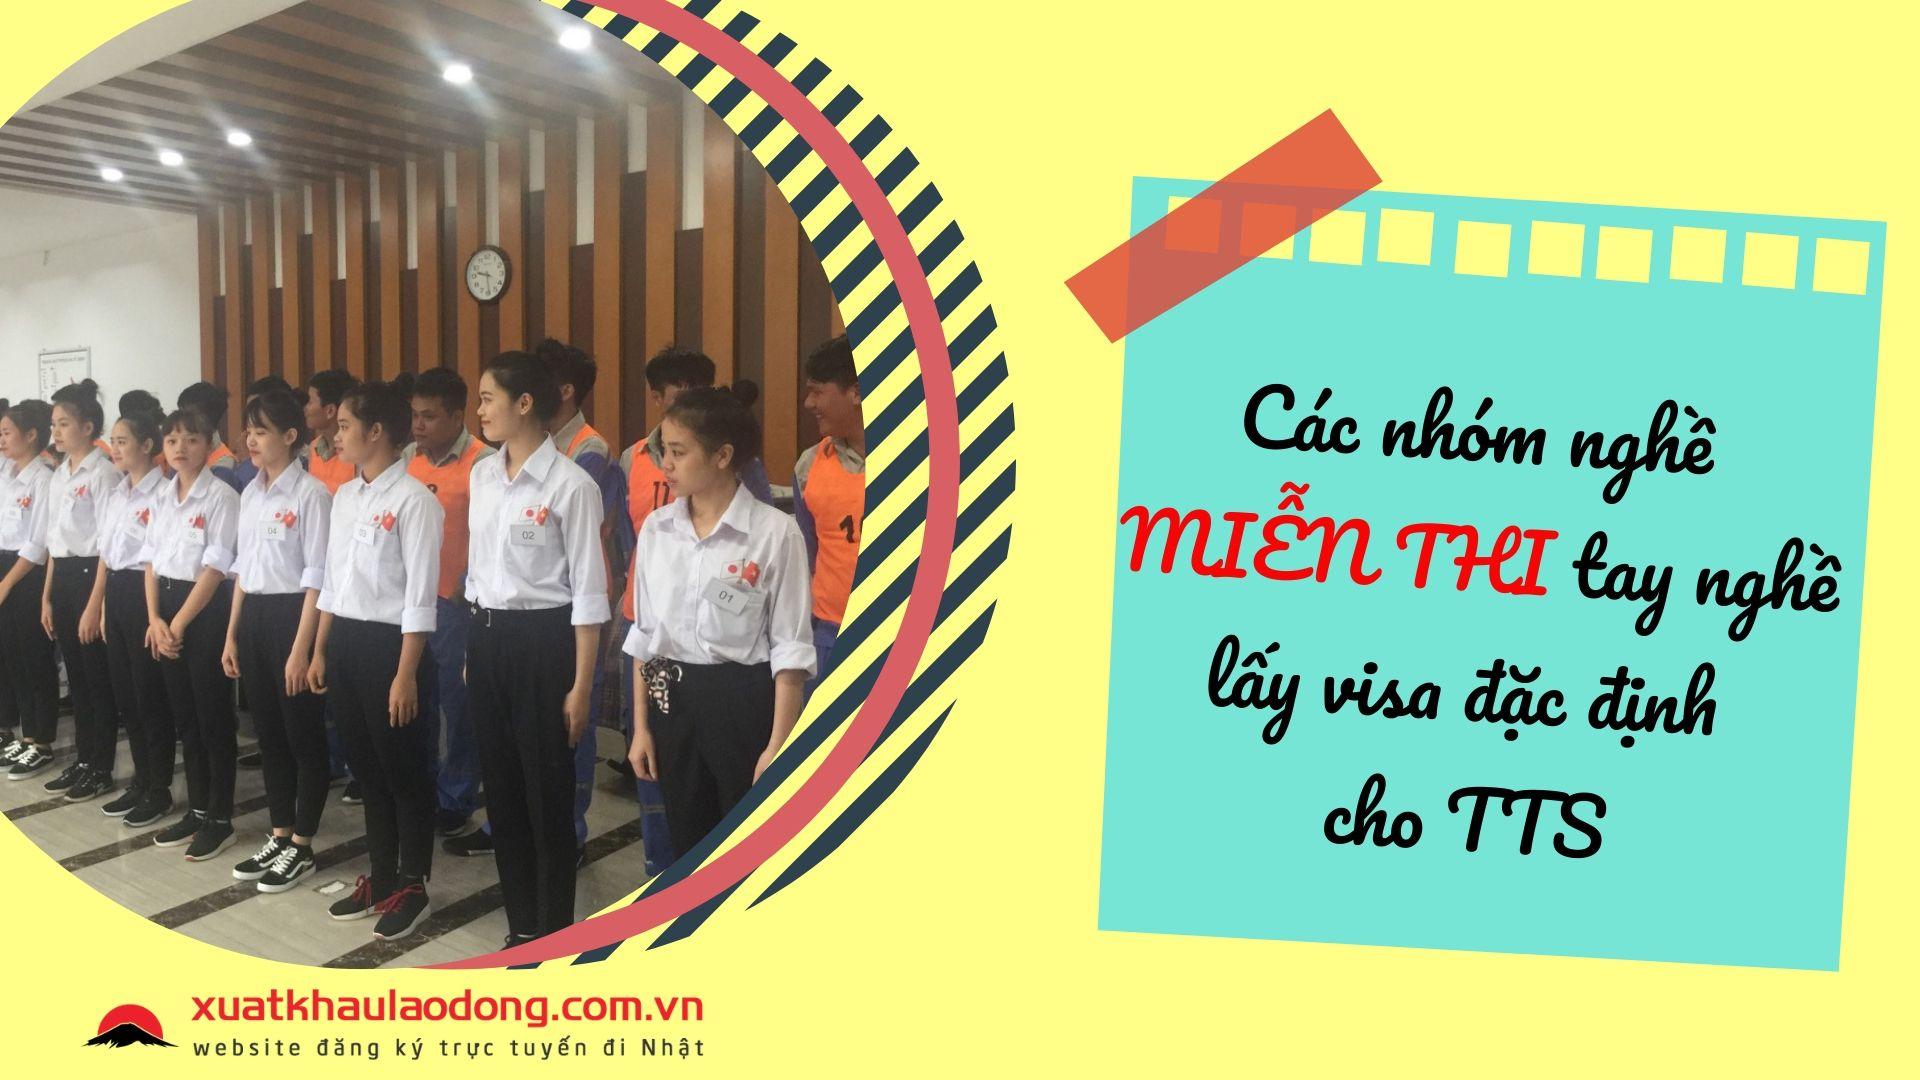 ngành nghề không phải thi kỹ năng lấy visa đặc định dành cho TTS